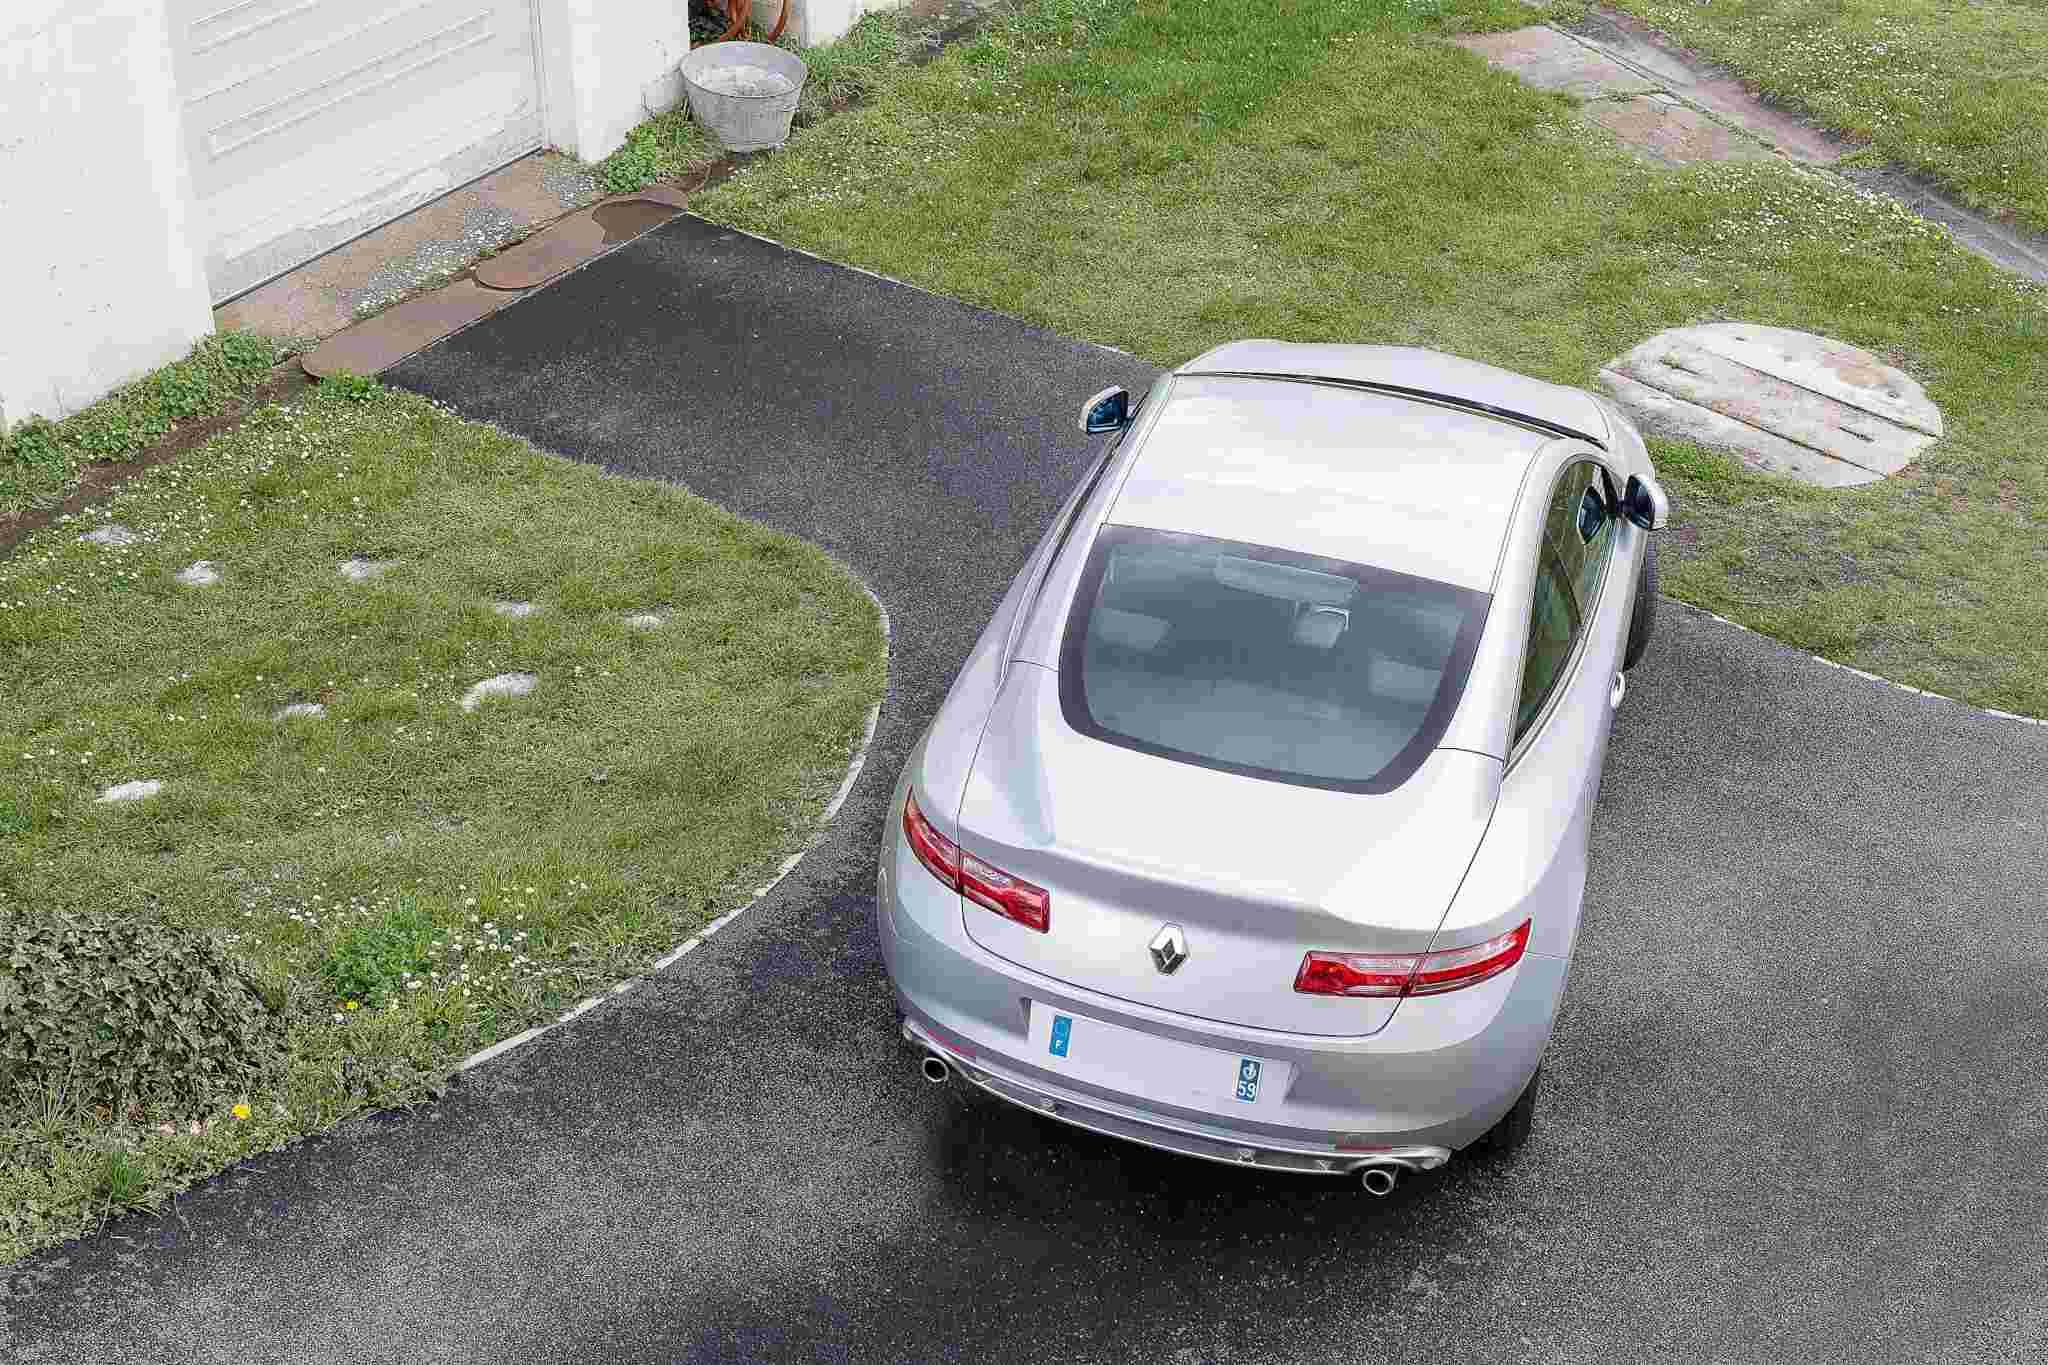 [Ctaniere] Laguna III coupé Dynamique 2.0 dCi 150 _mg_9811